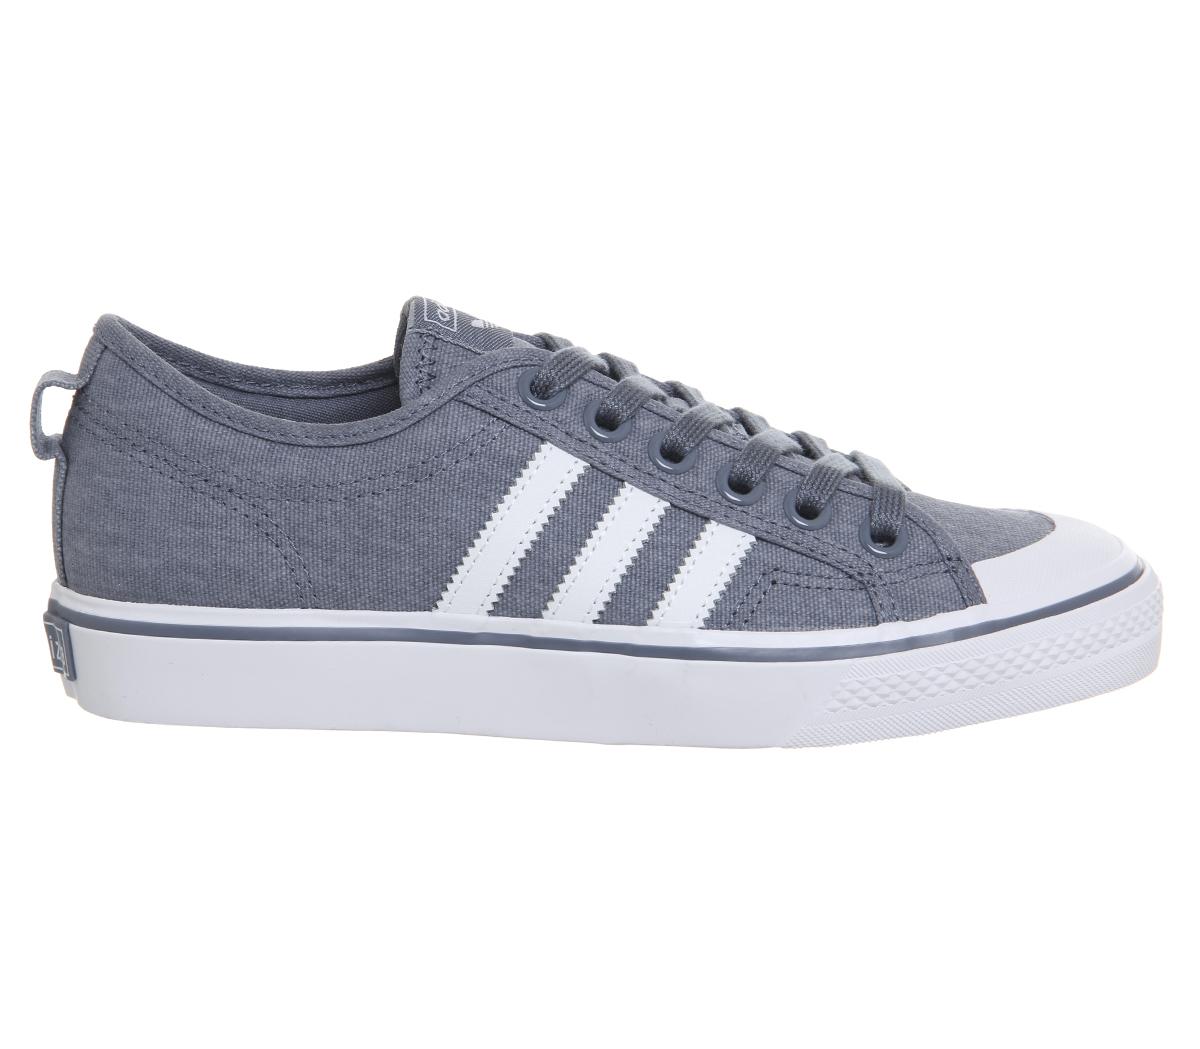 Zapatillas para mujer Adidas Nizza acero bruto F Zapatillas Zapatos